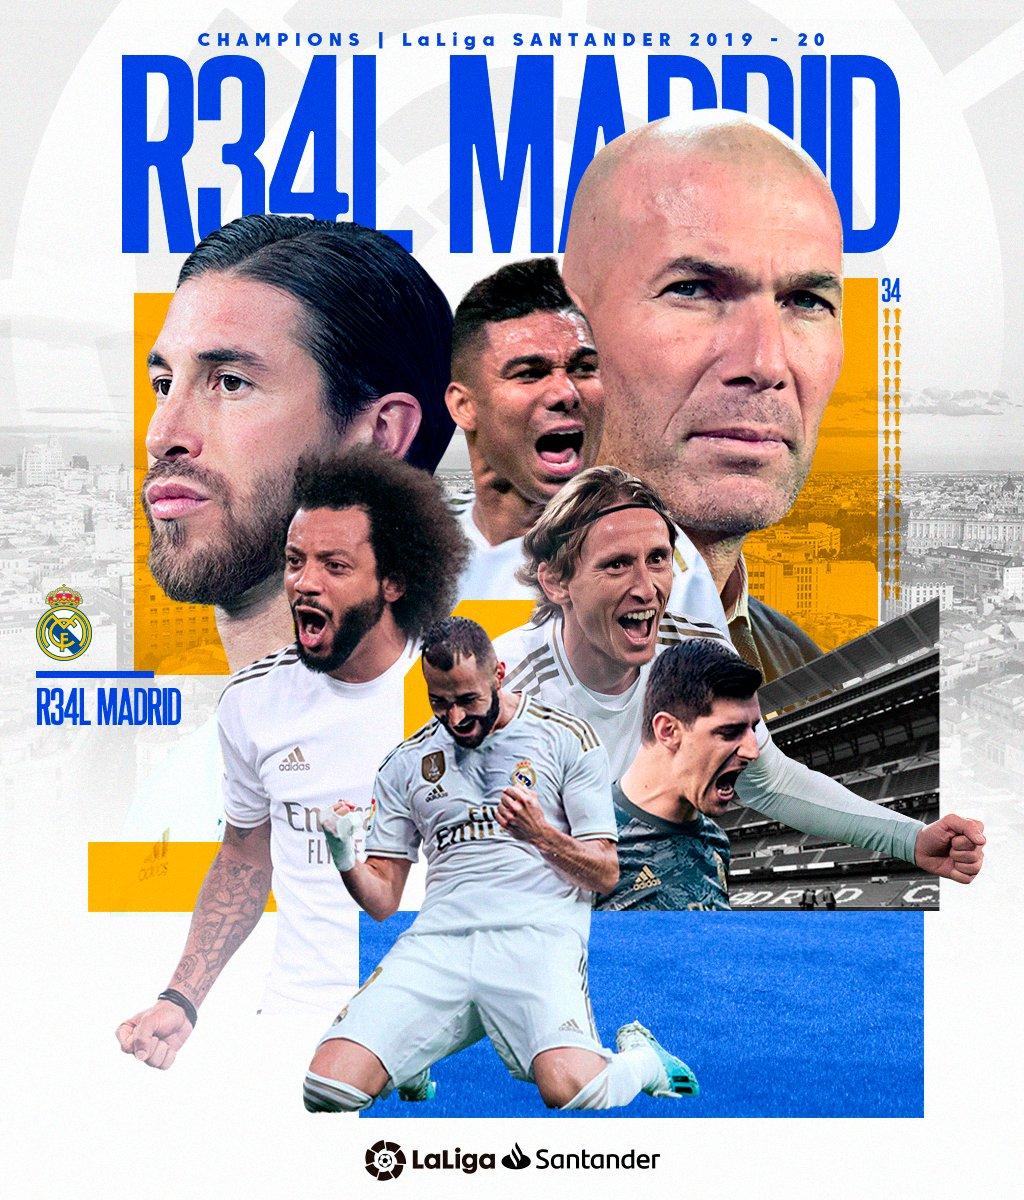 Real Madrid Wins 2019/20 La Liga Title